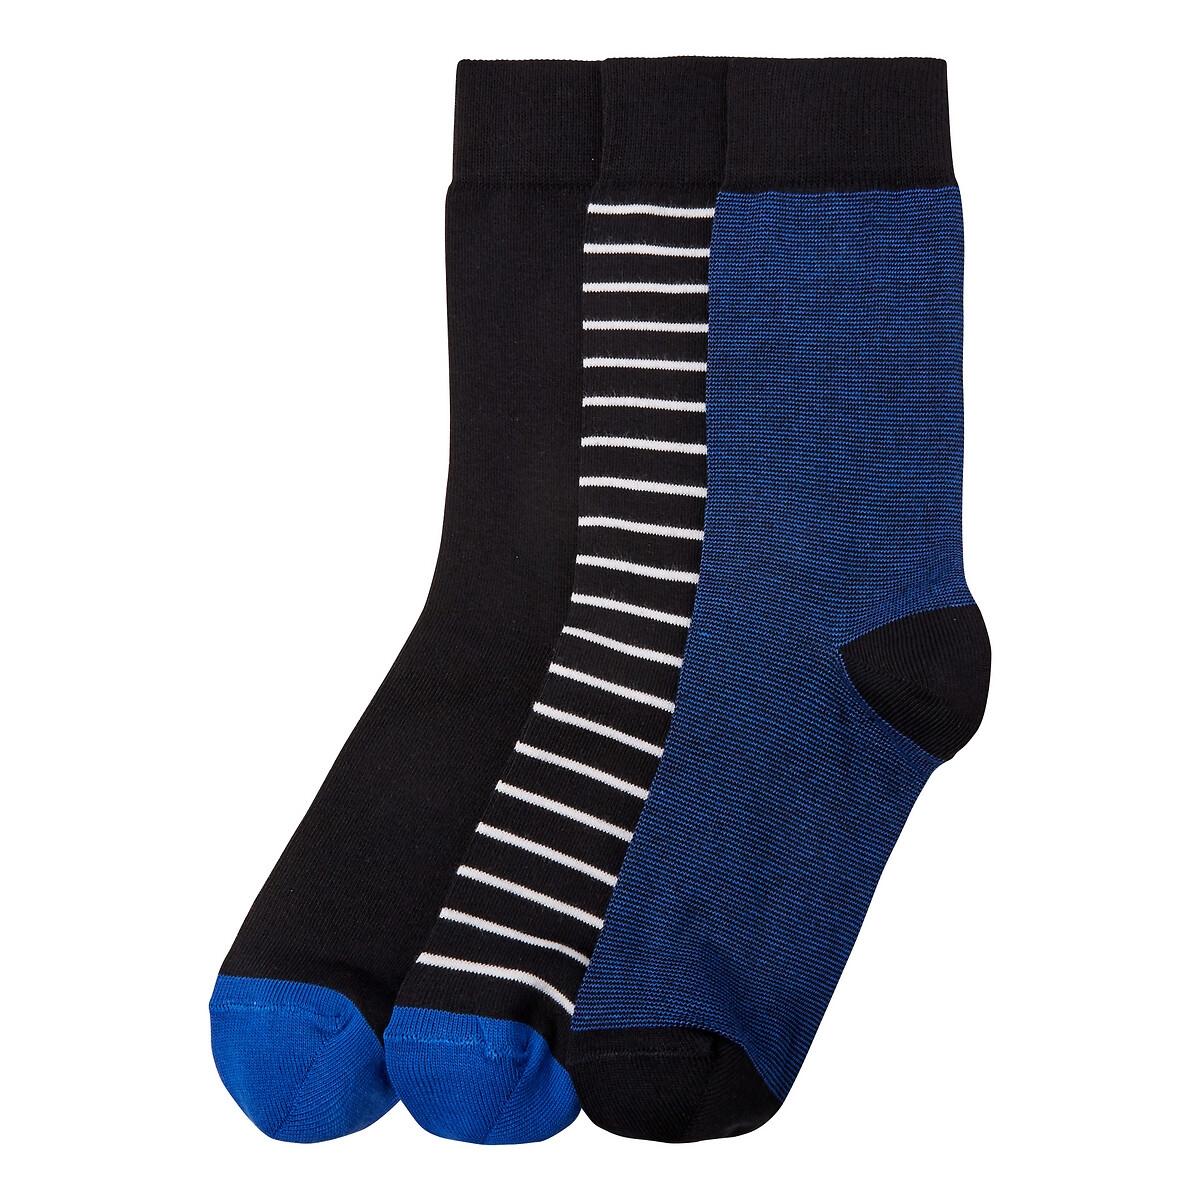 Комплект из 3 пар носков LaRedoute La Redoute 35/38 синий комплект из 6 пар носков la redoute la redoute 39 45 черный